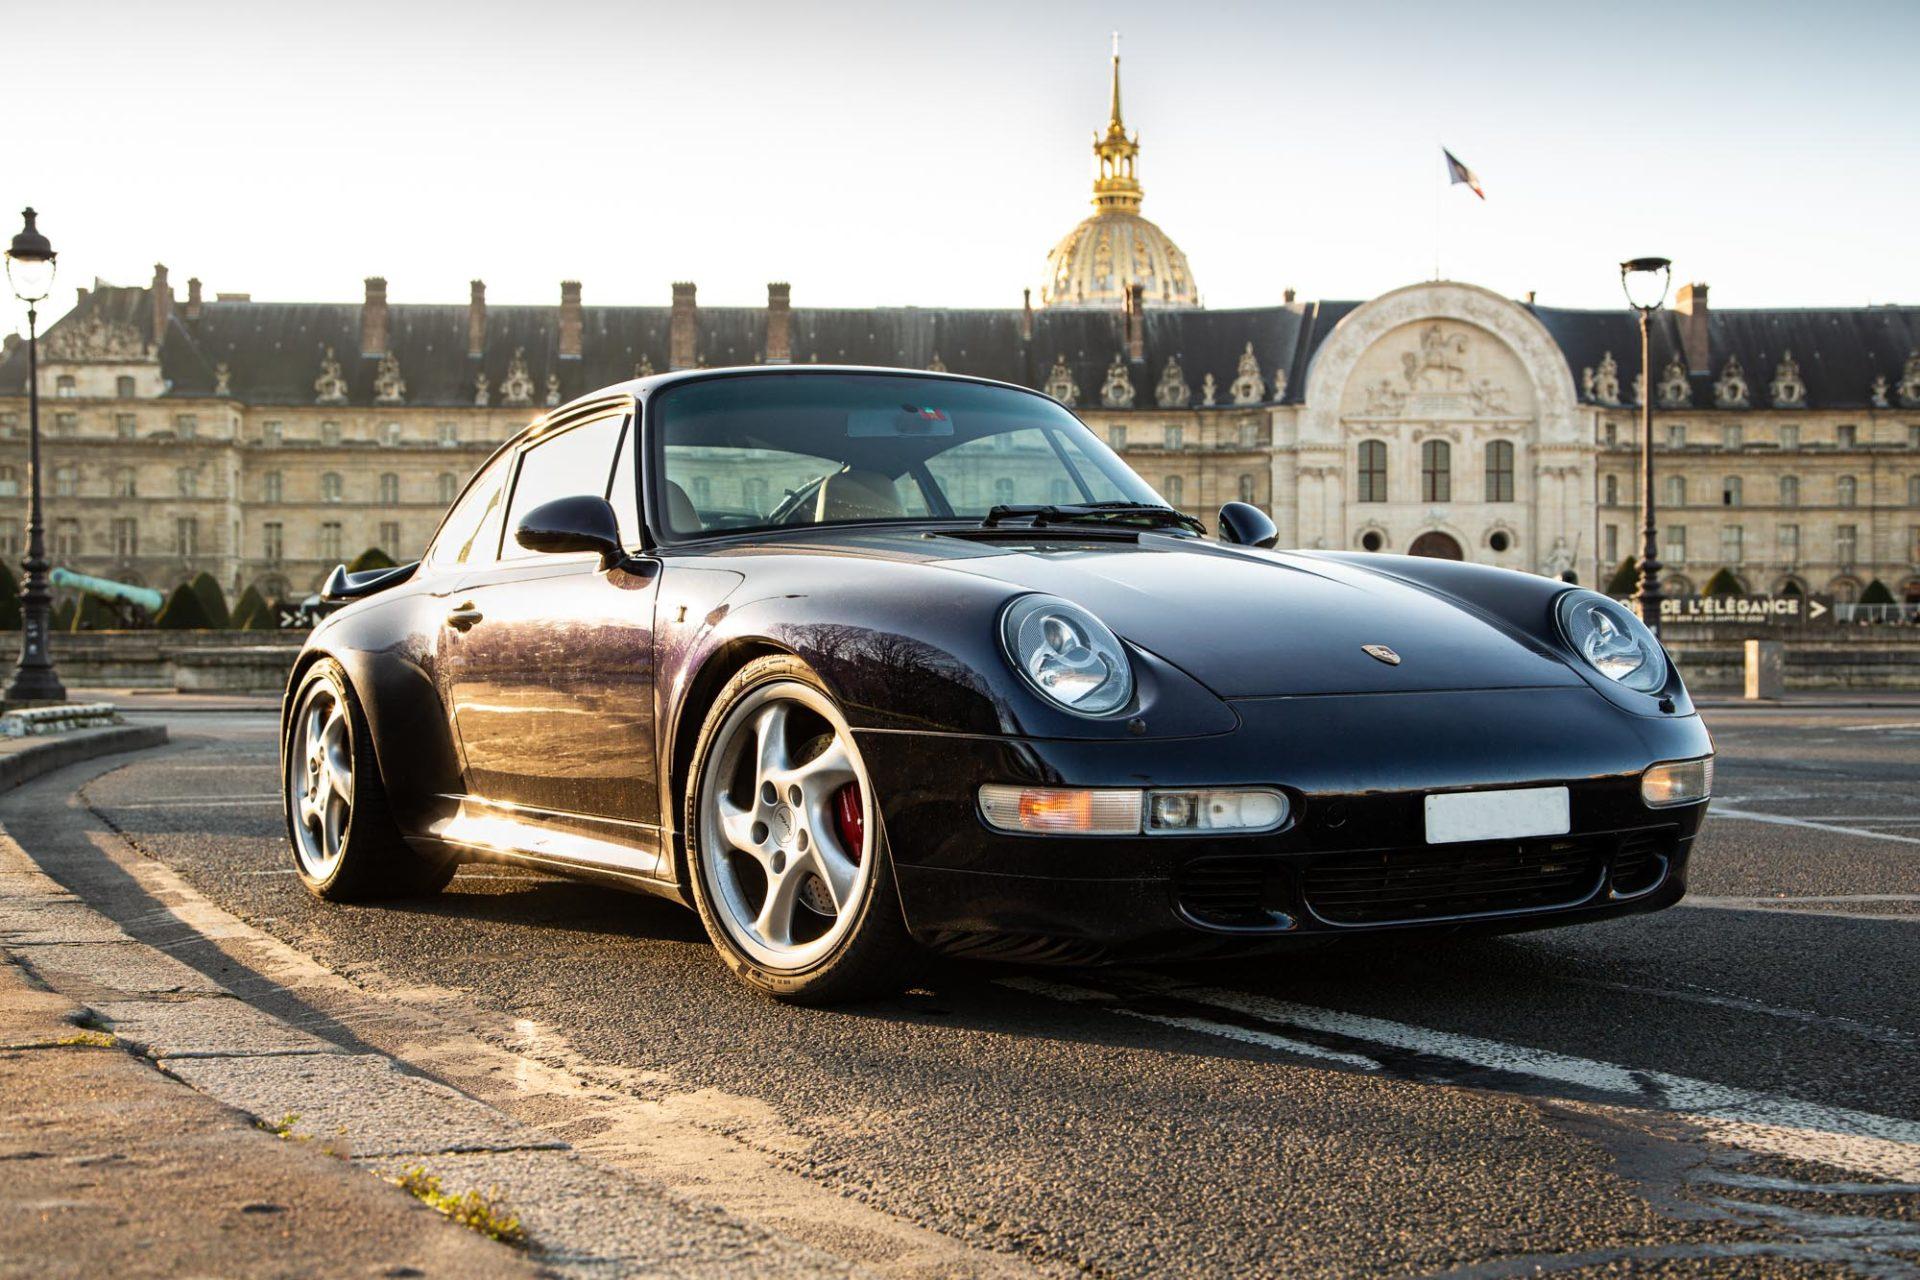 Porsche 911 Type 993 Turbo - Avant